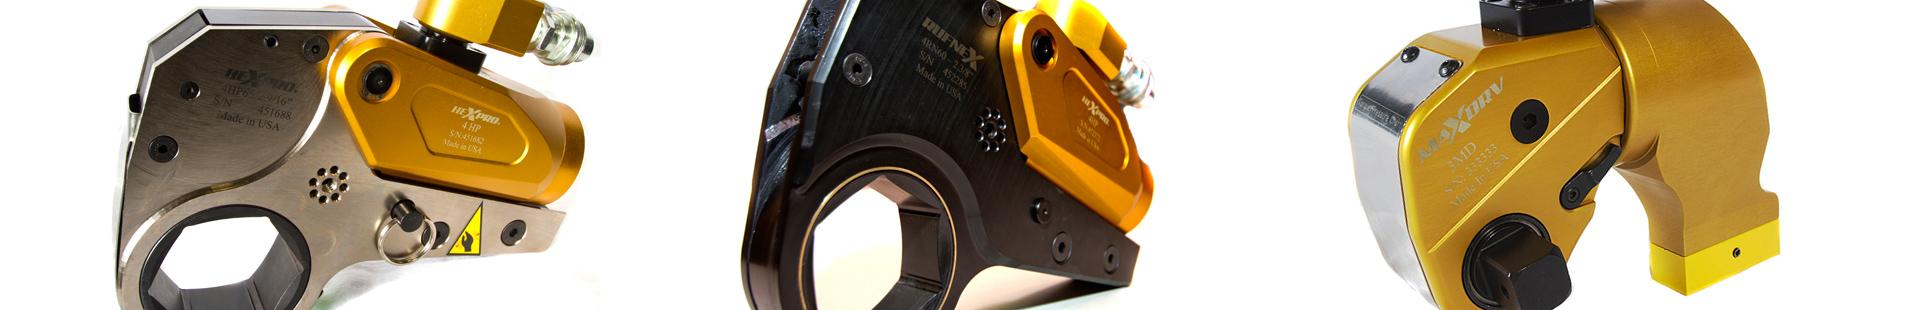 Llaves Hidraulicas Modelos HexPro®, RufNex®,y MaxDrv®